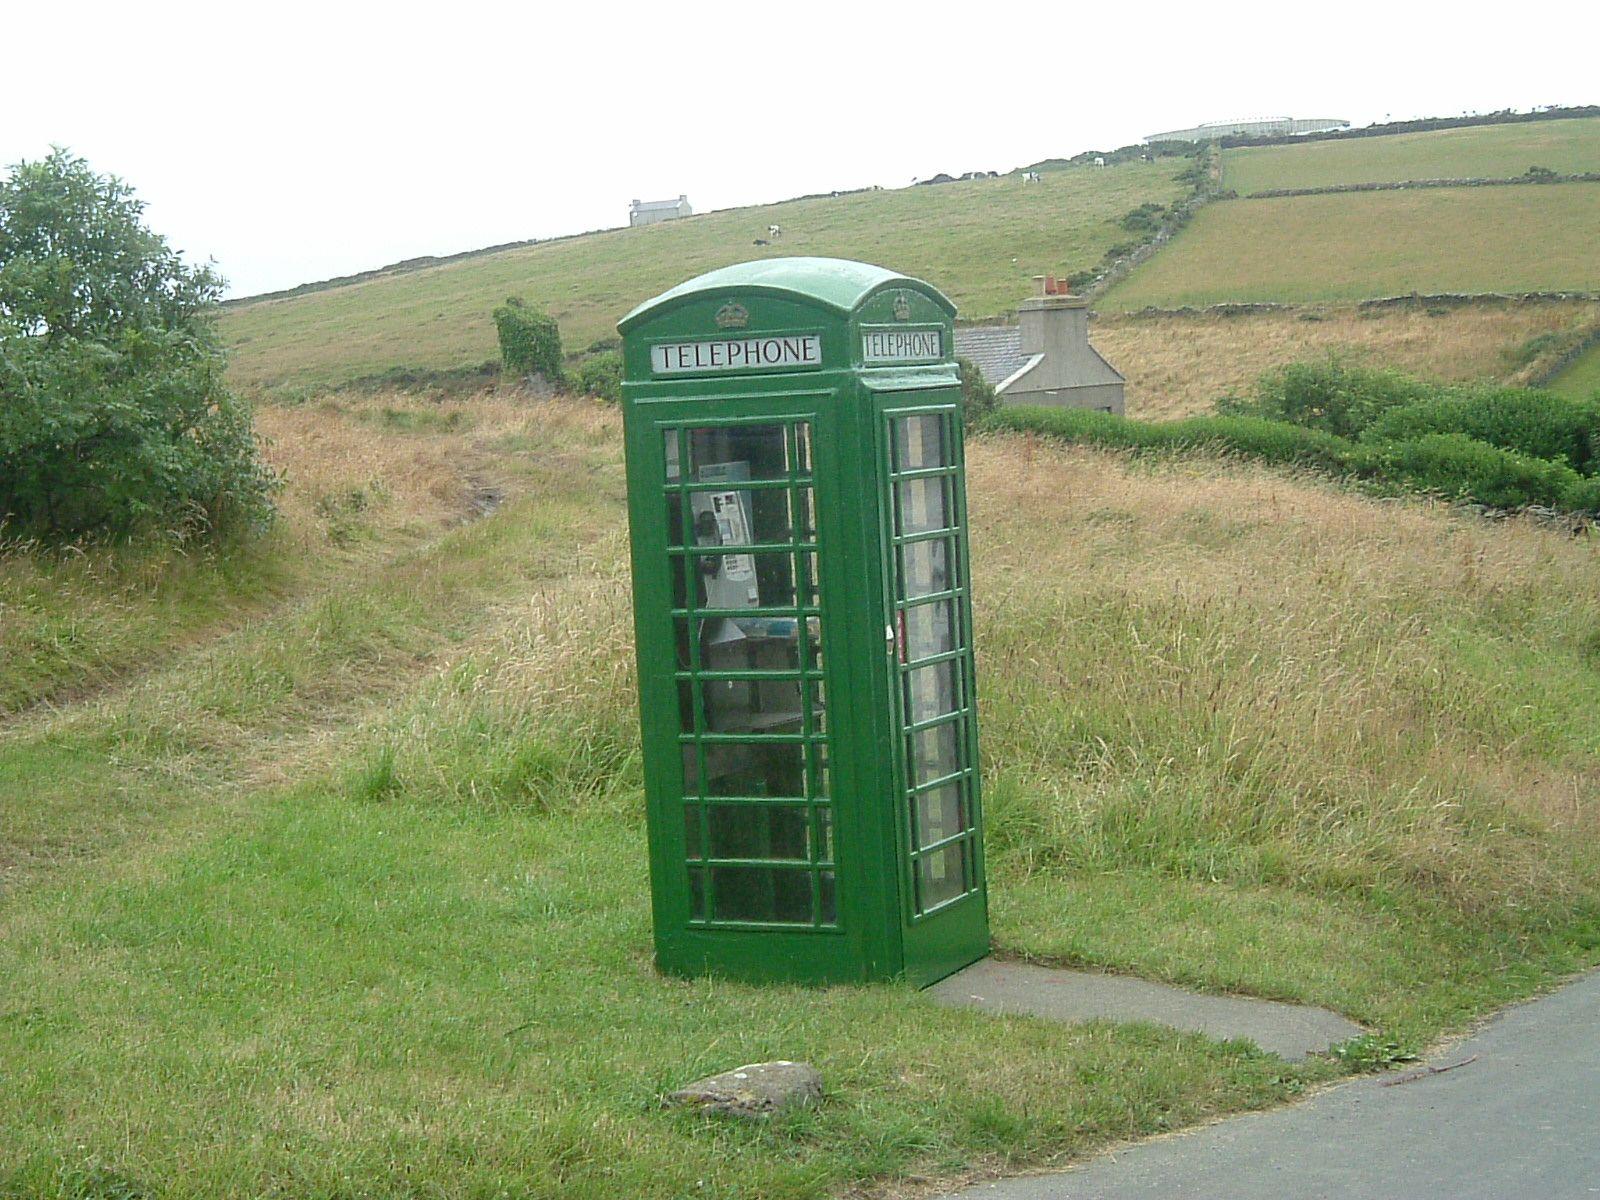 В Ірландії старі телефонні будки переобладнають у зарядні станції для електротранспорту